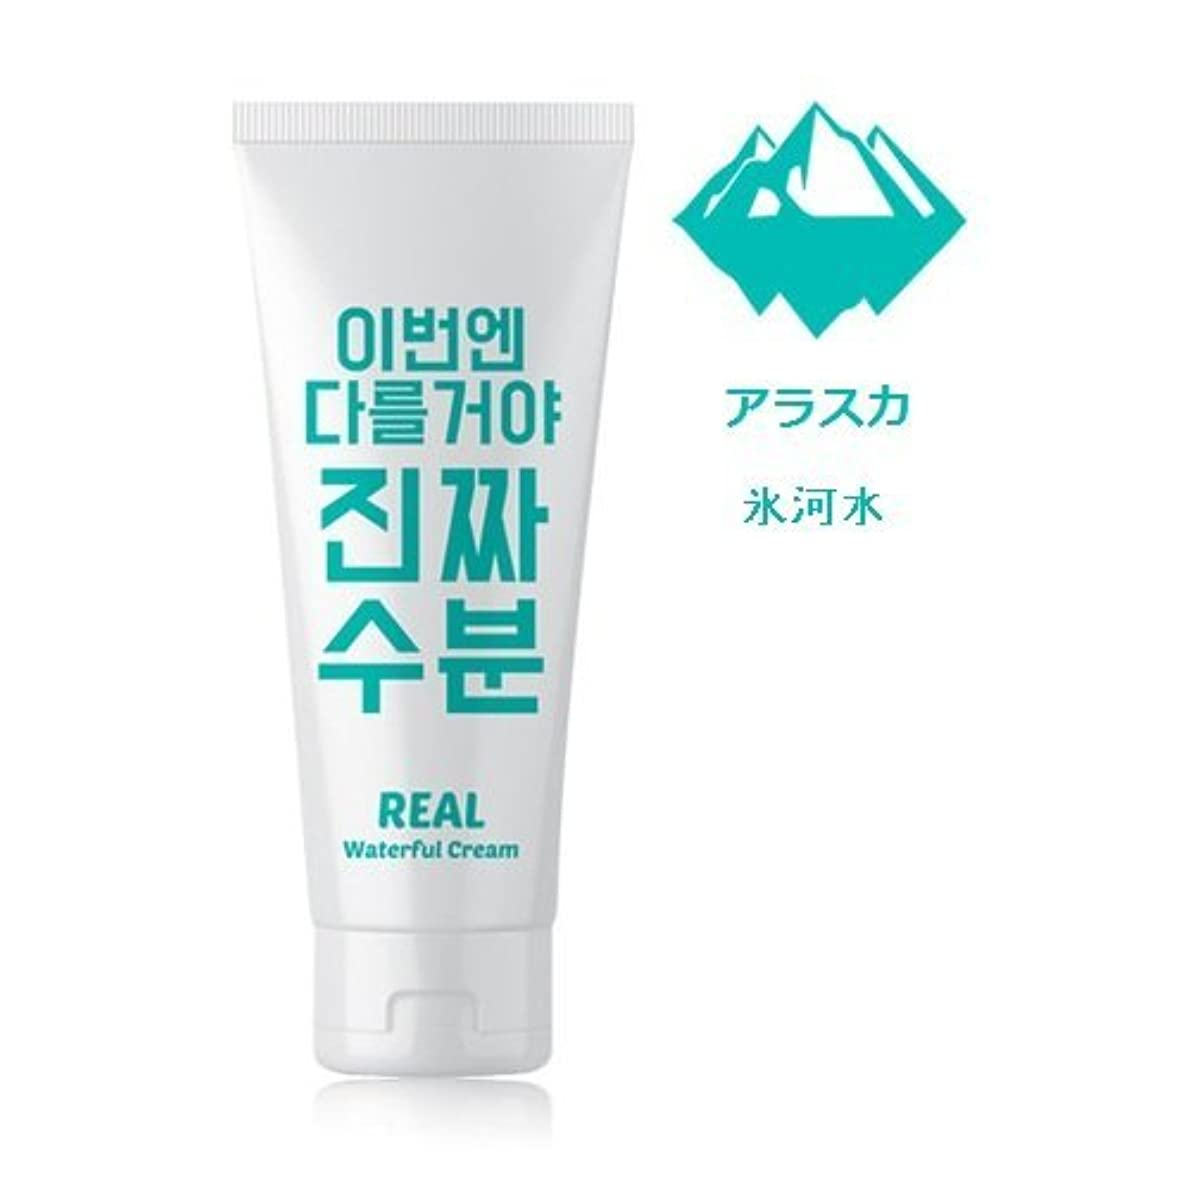 修理工厳しいシェア[1+1]Jaminkyung [FREE MARK] Real Waterful Cream 200g*2EA ジャミンギョン[フリーマーク]今度は違うぞ!! 本当の水分クリーム [並行輸入品]